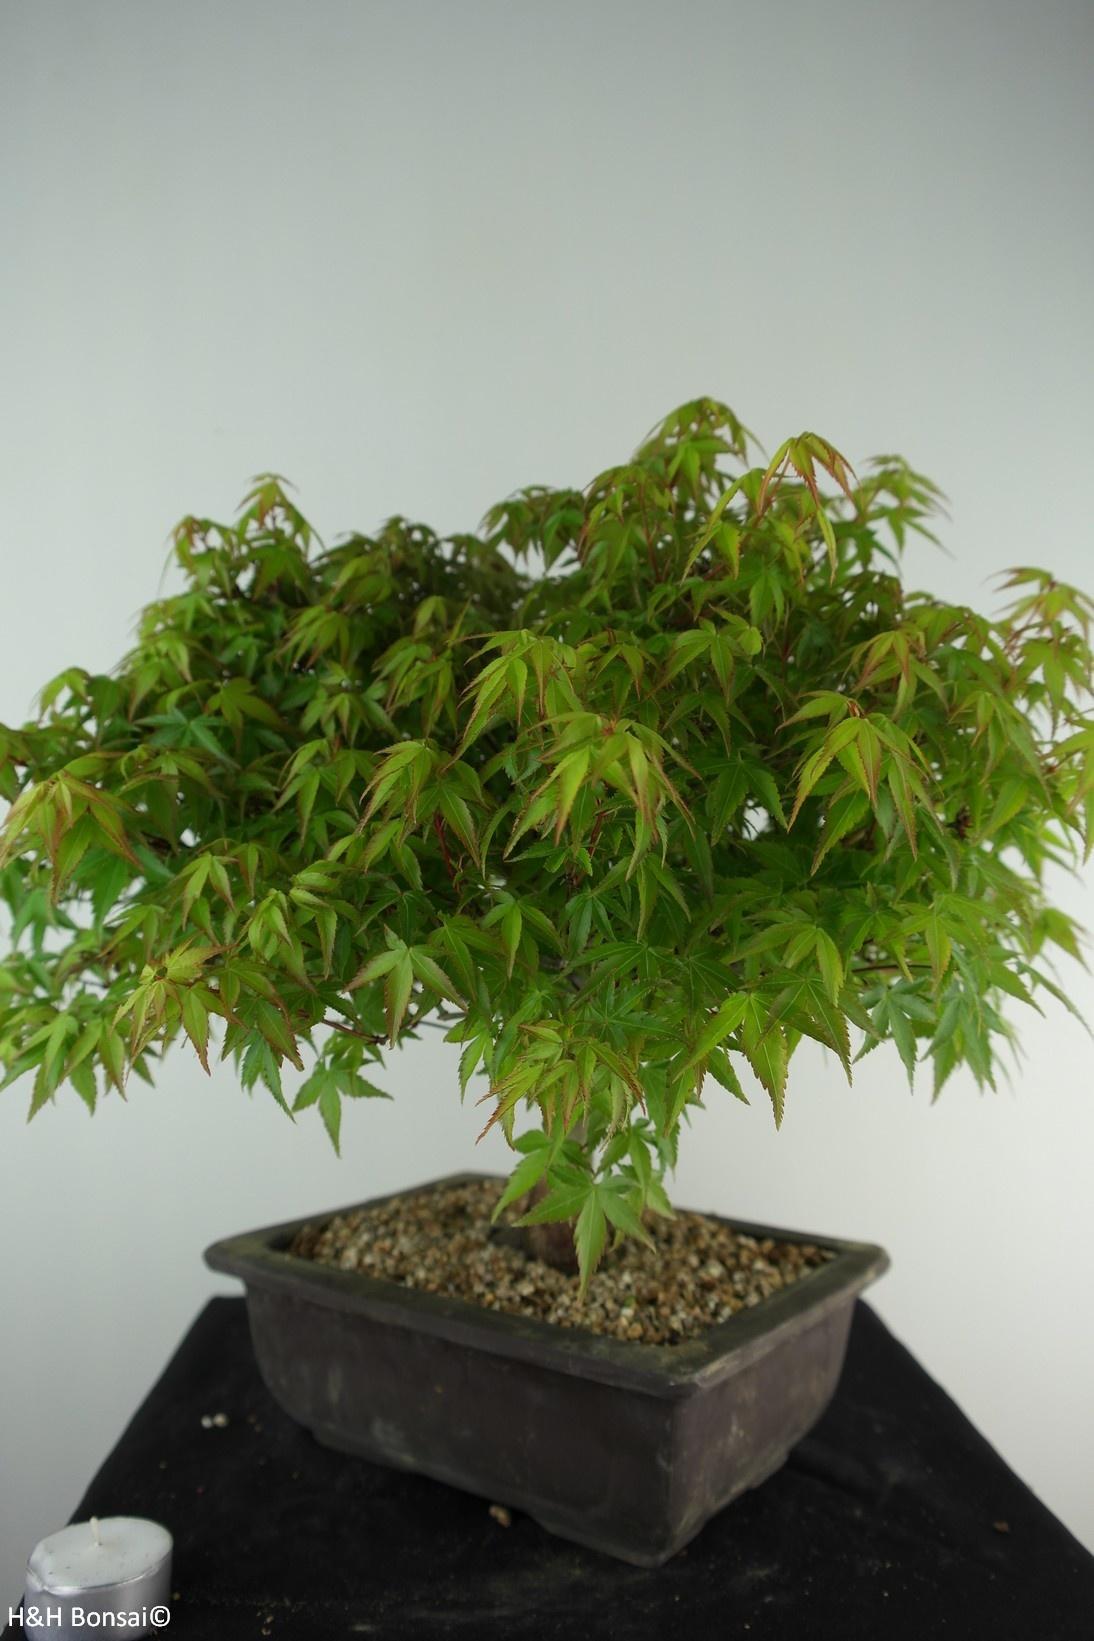 Bonsai Acer palmatum kiyohime, Japanse esdoorn, nr. 7534